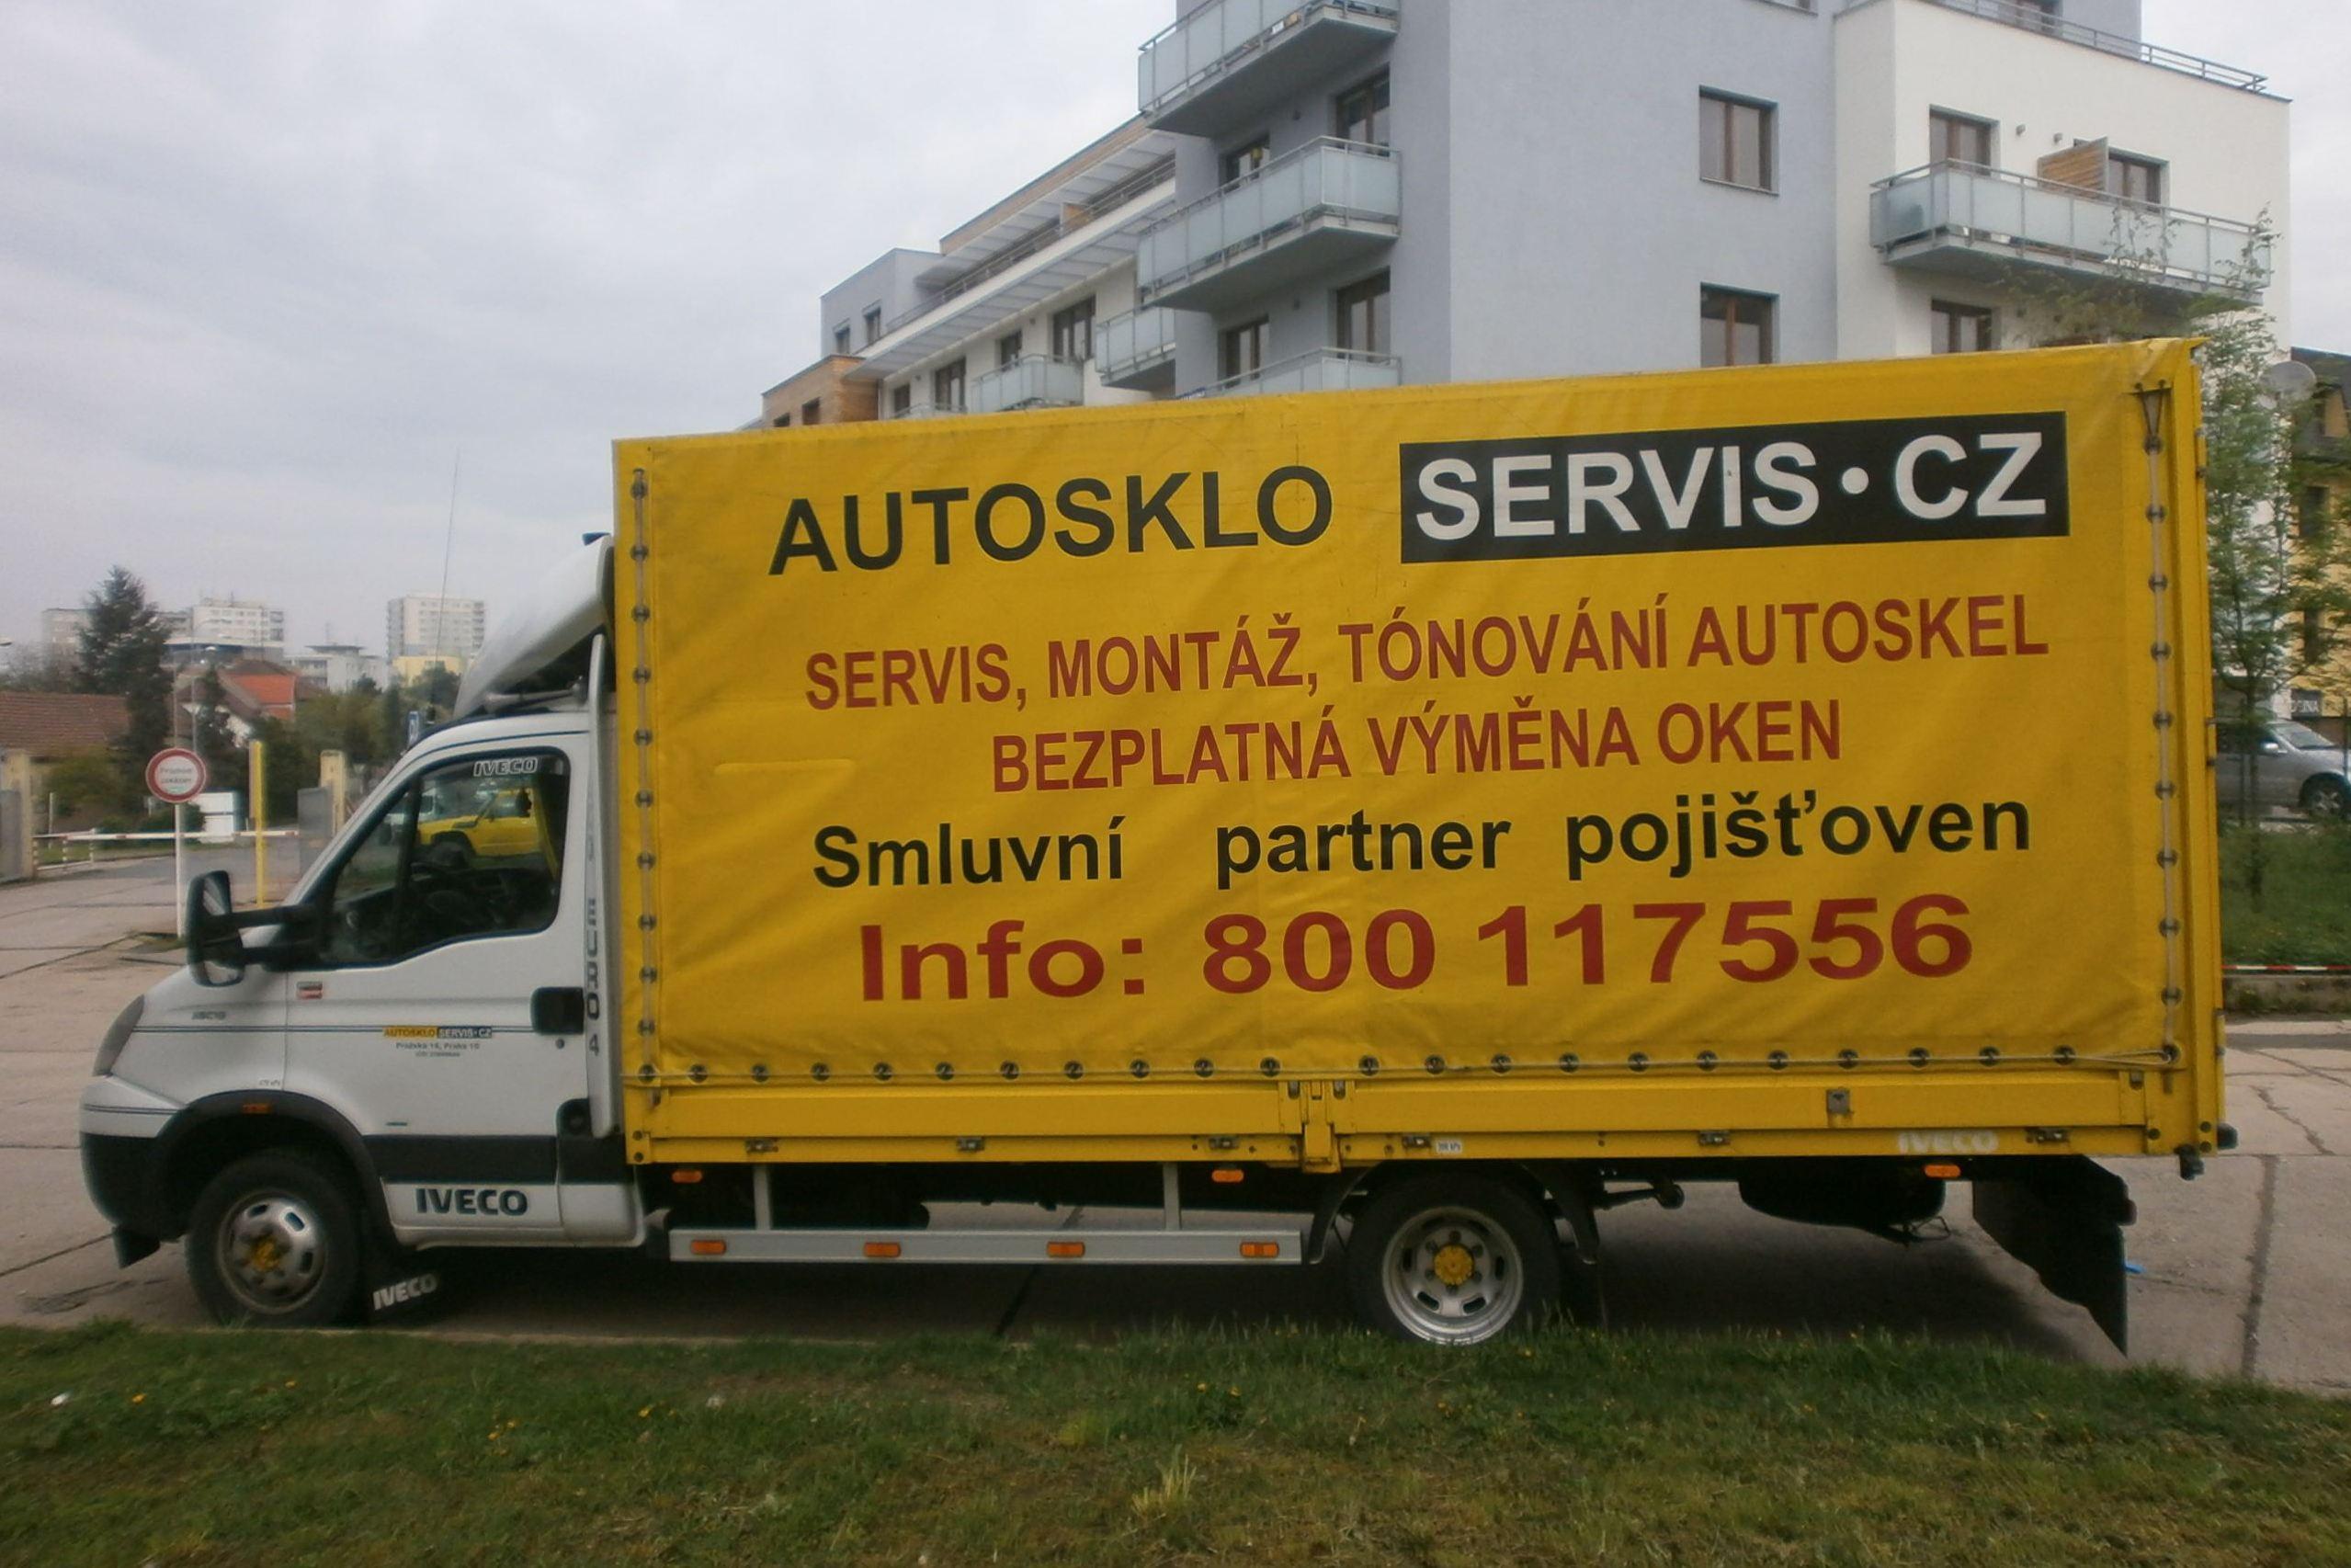 AUTOSKLO SERVIS CZ, s.r.o. Praha 10